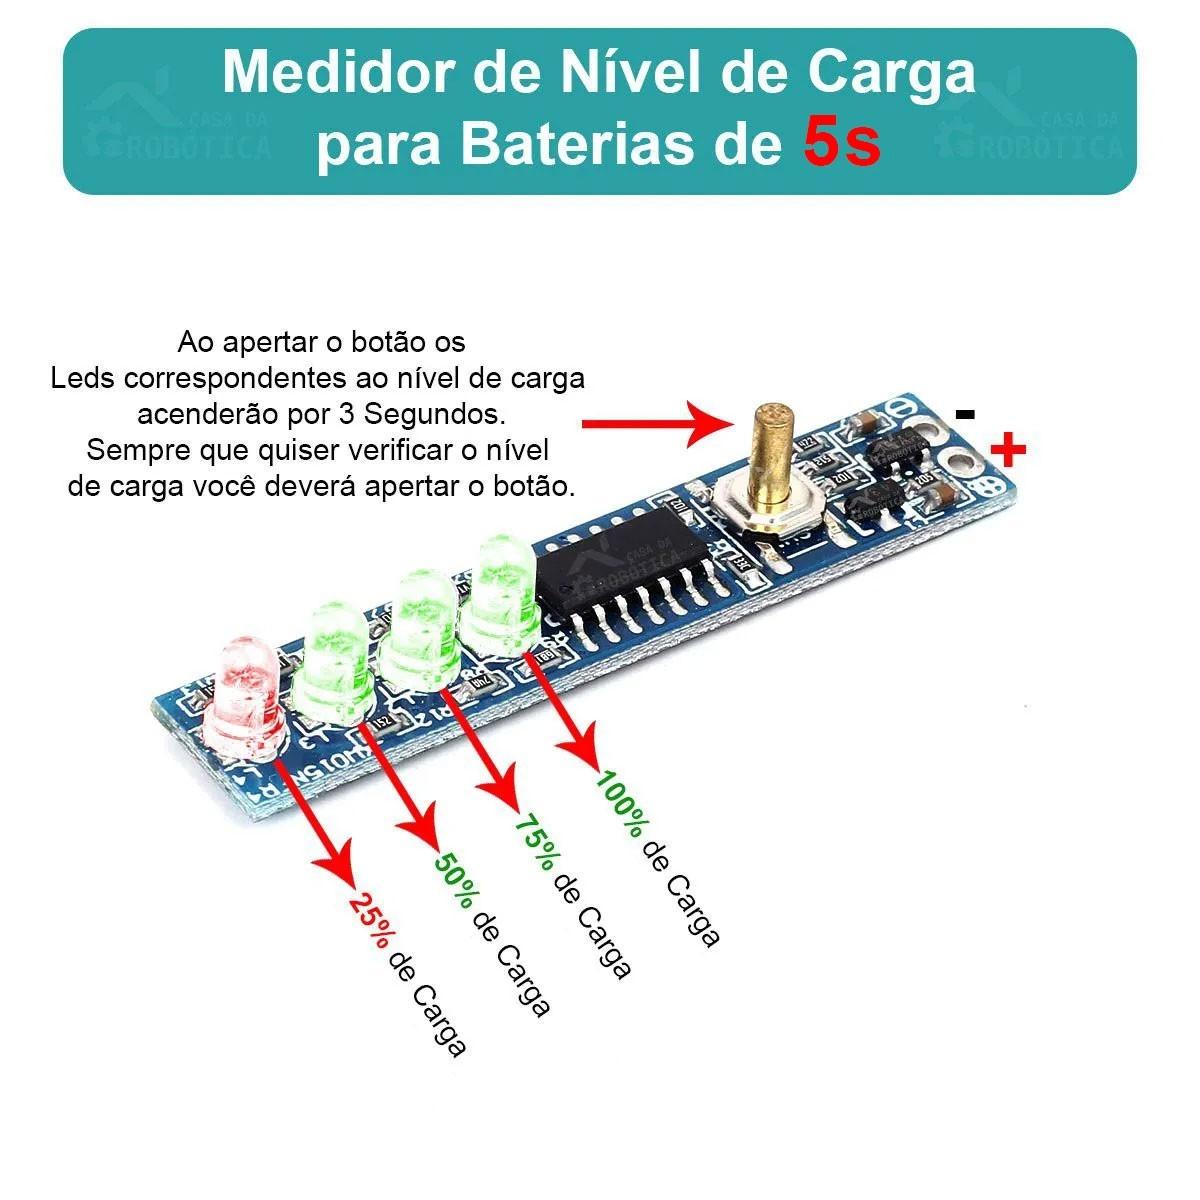 2x Voltímetro Indicador de Nível de Carga para Baterias 5S 21V